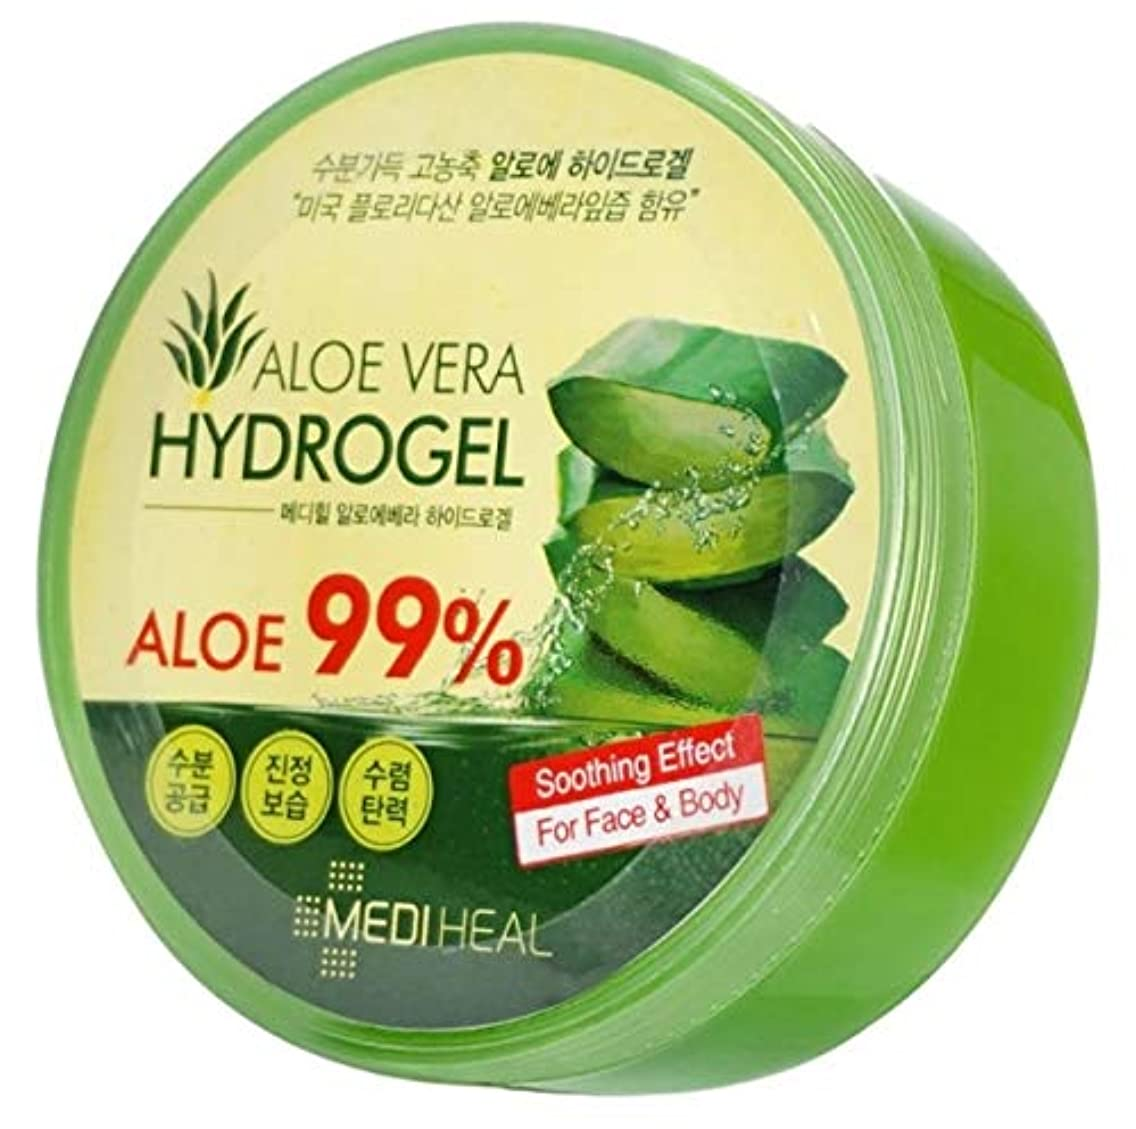 データベース信頼性肝Mediheal メディヒール Skin Soothing なだめるような & Moisture 水分 99% Aloe アロエ Vera Hydro Gels ハイドロゲル